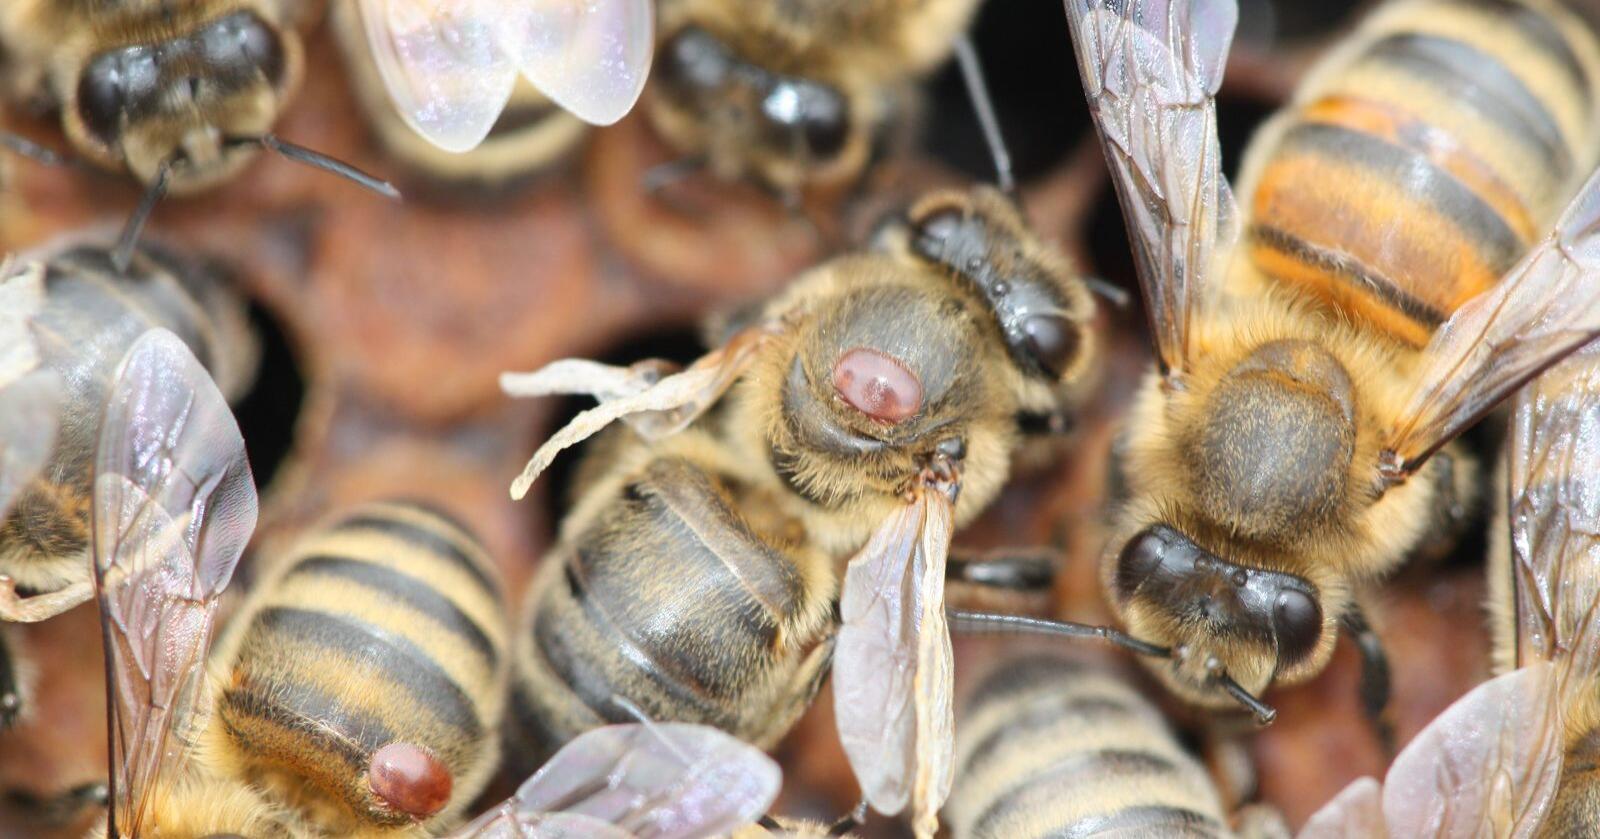 Bier med deformerte venger og varroamidd kan det bli ein slutt på med smarte bikuber. Foto: Norges birøkterlag